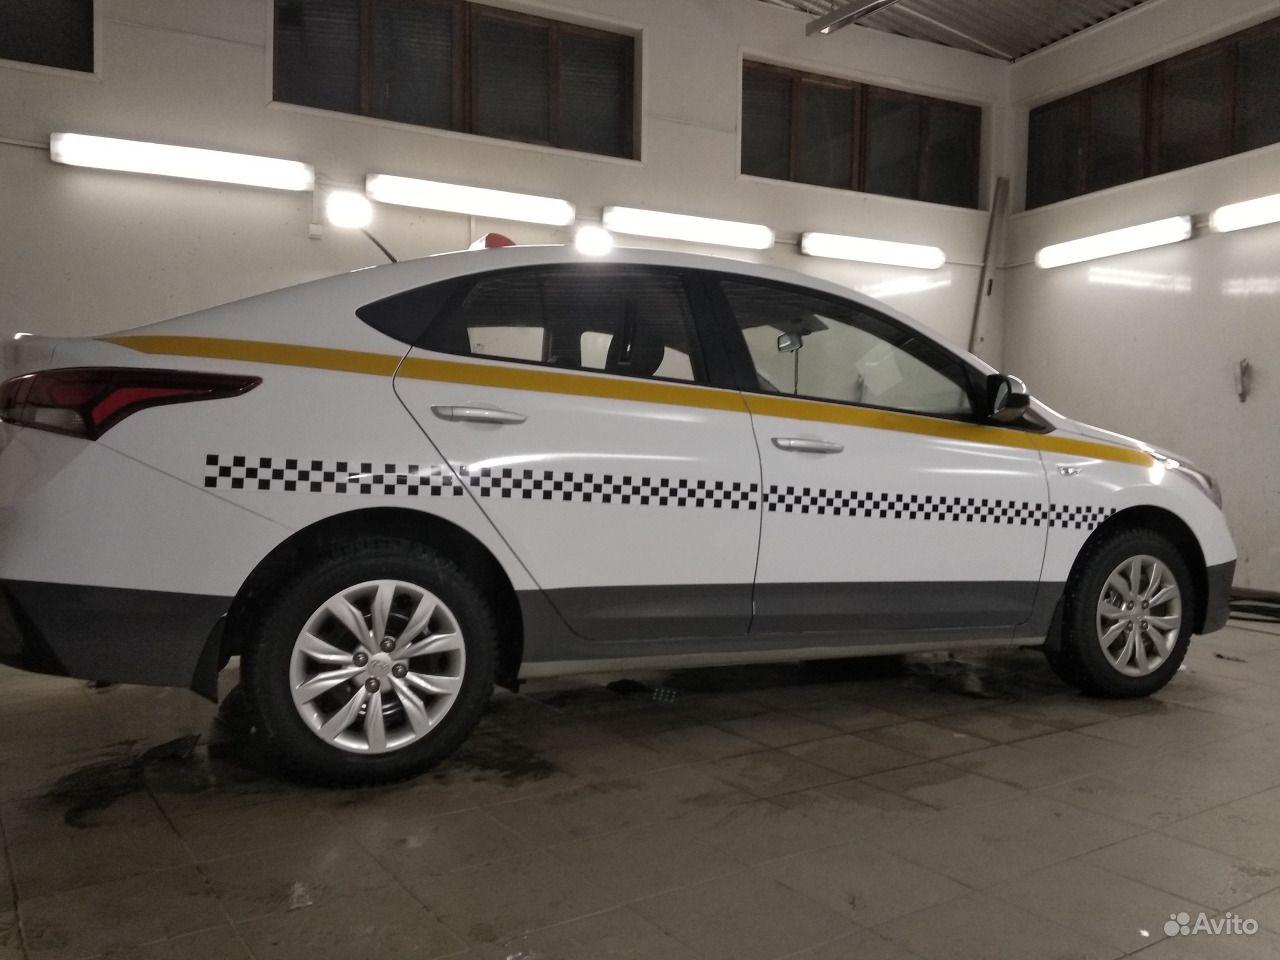 оклейка автомобиля под такси фото в брянске вот, вроде все